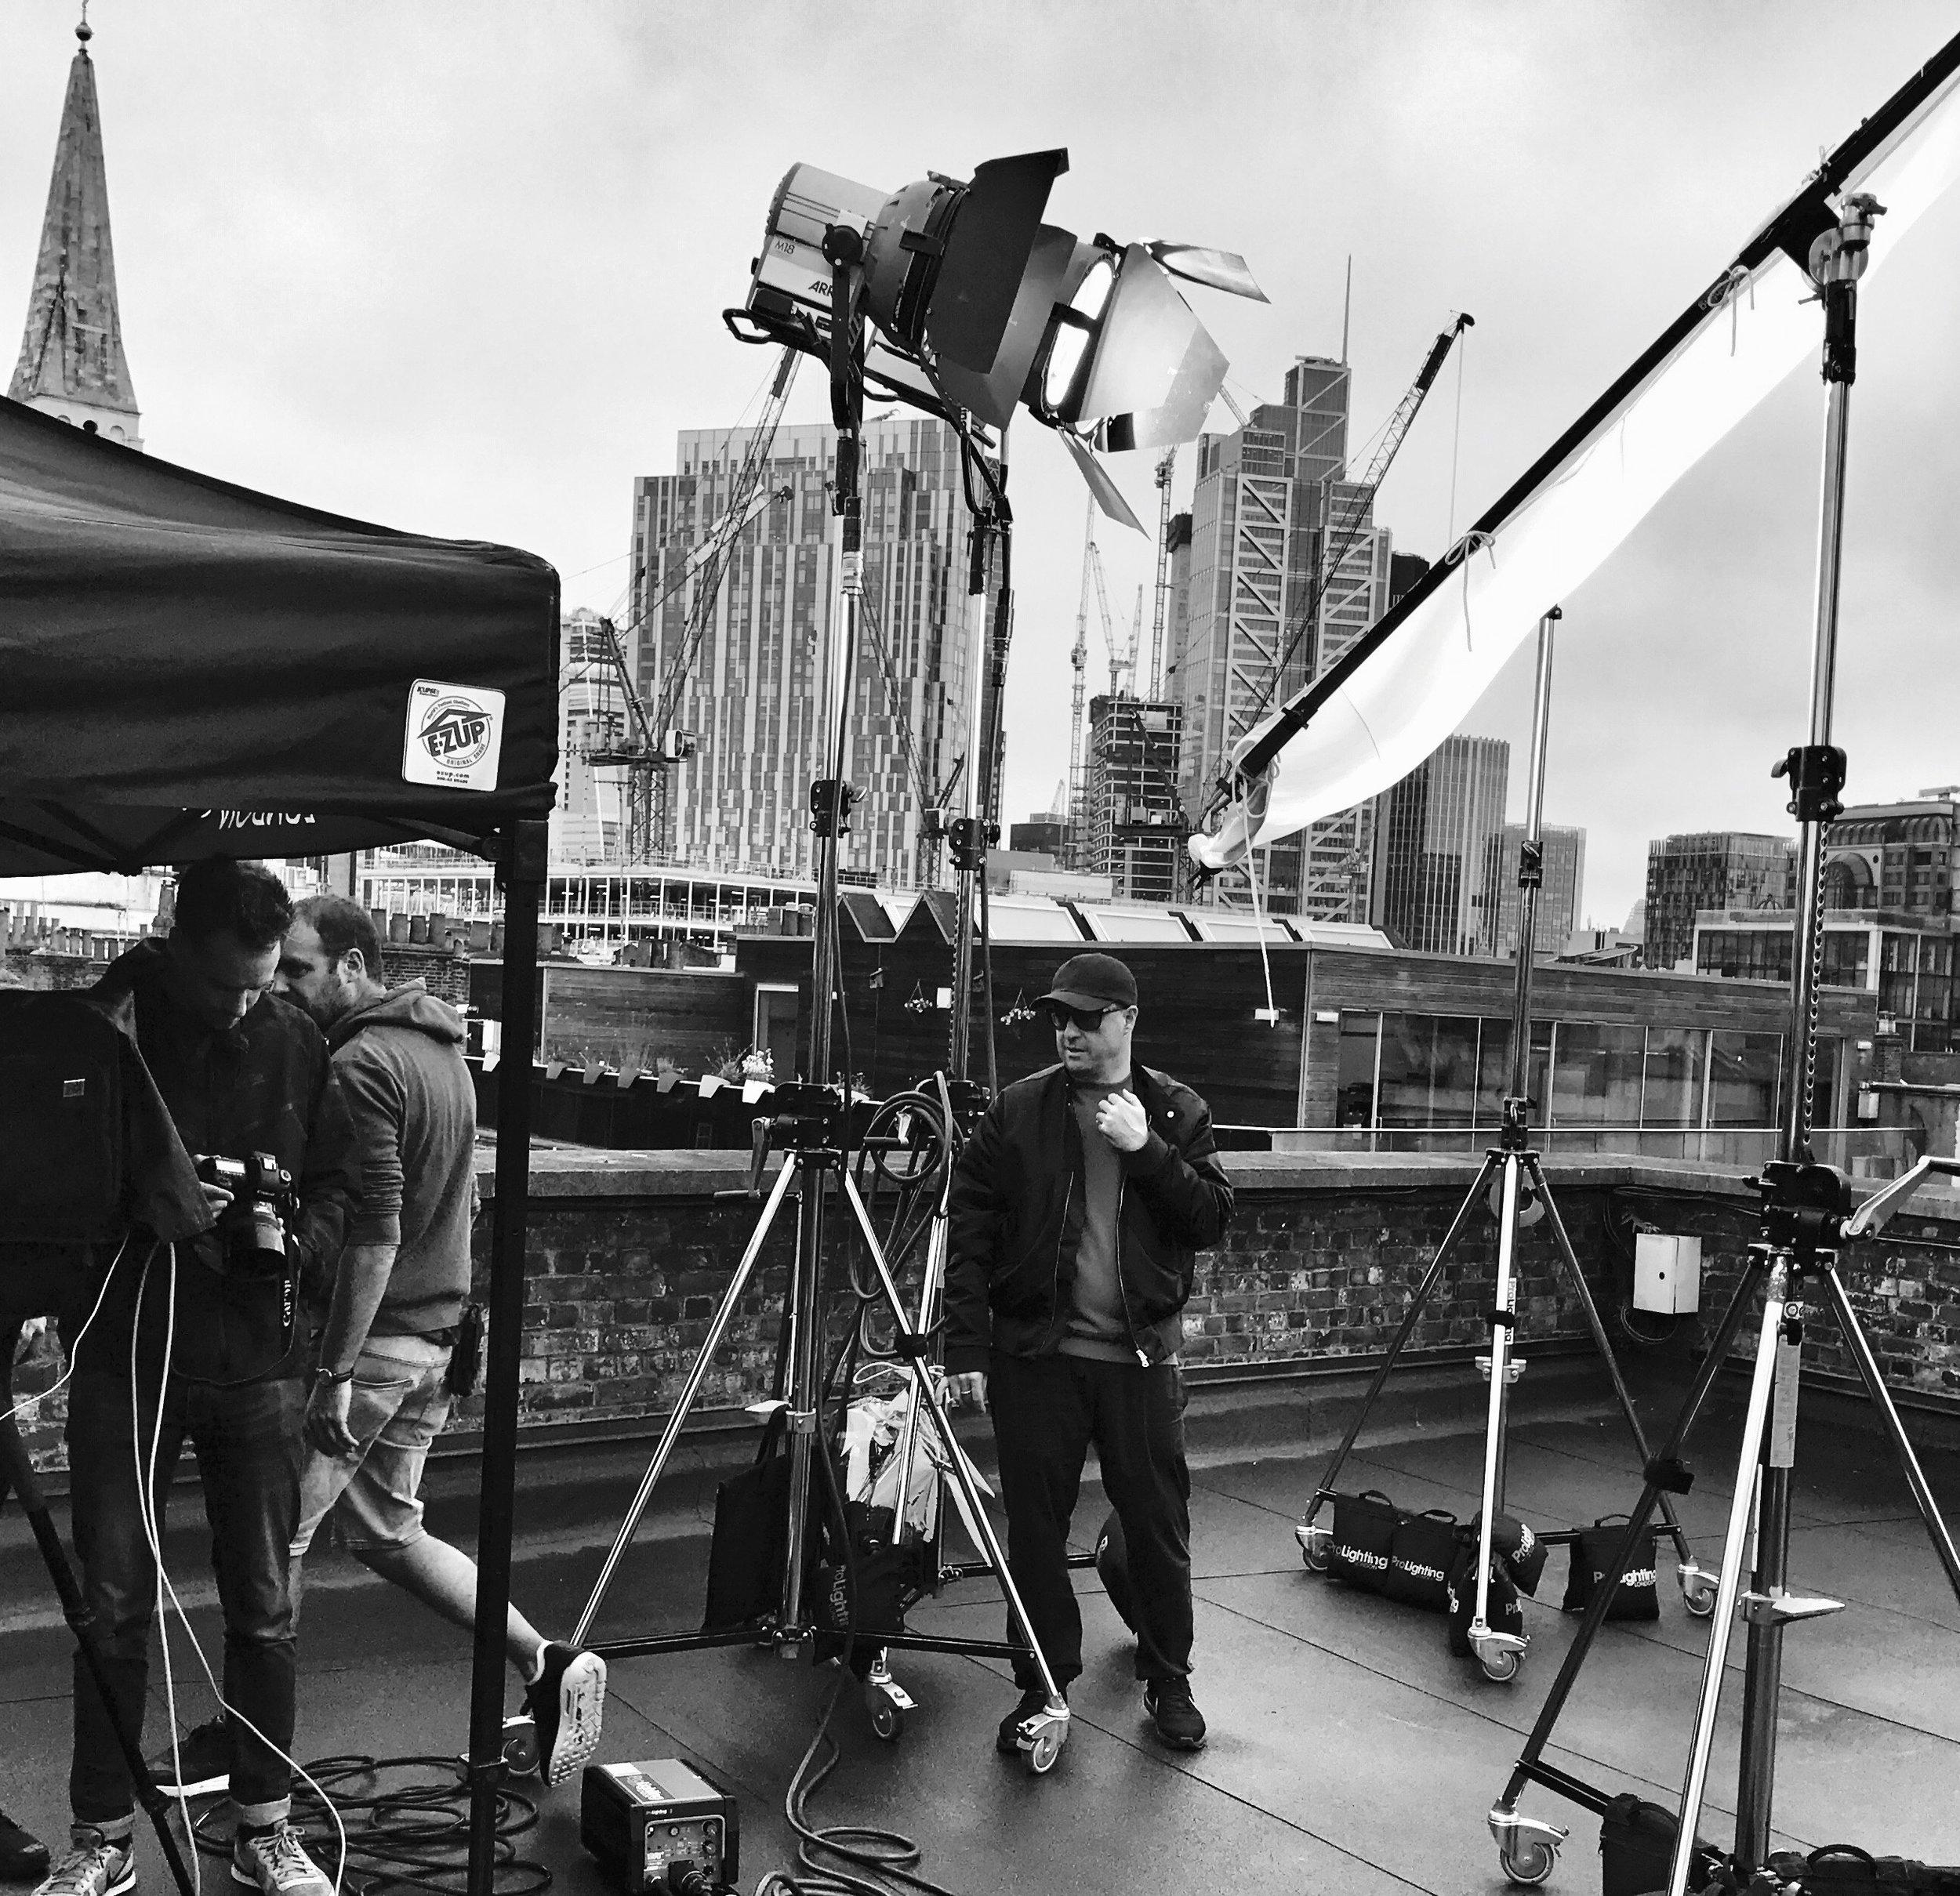 wrangler shoot and video july 2017.jpg